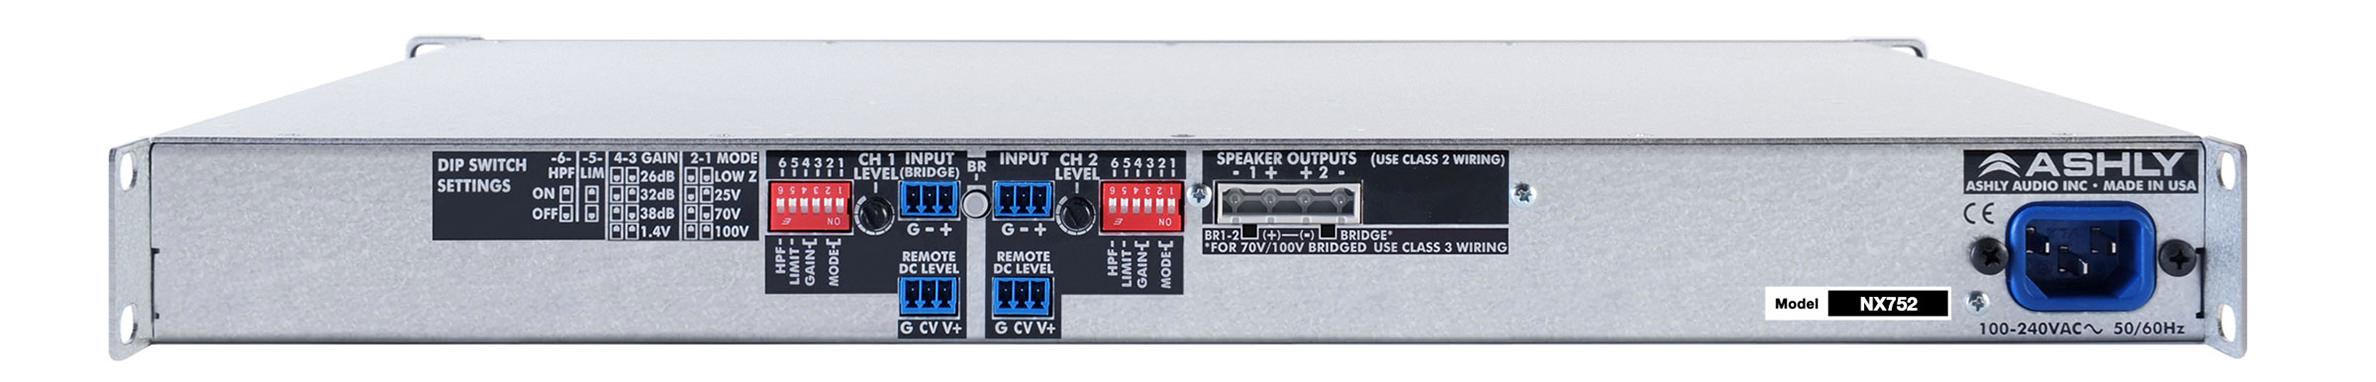 2 x 75 Watts @ 2 Ohms Power Amplifier